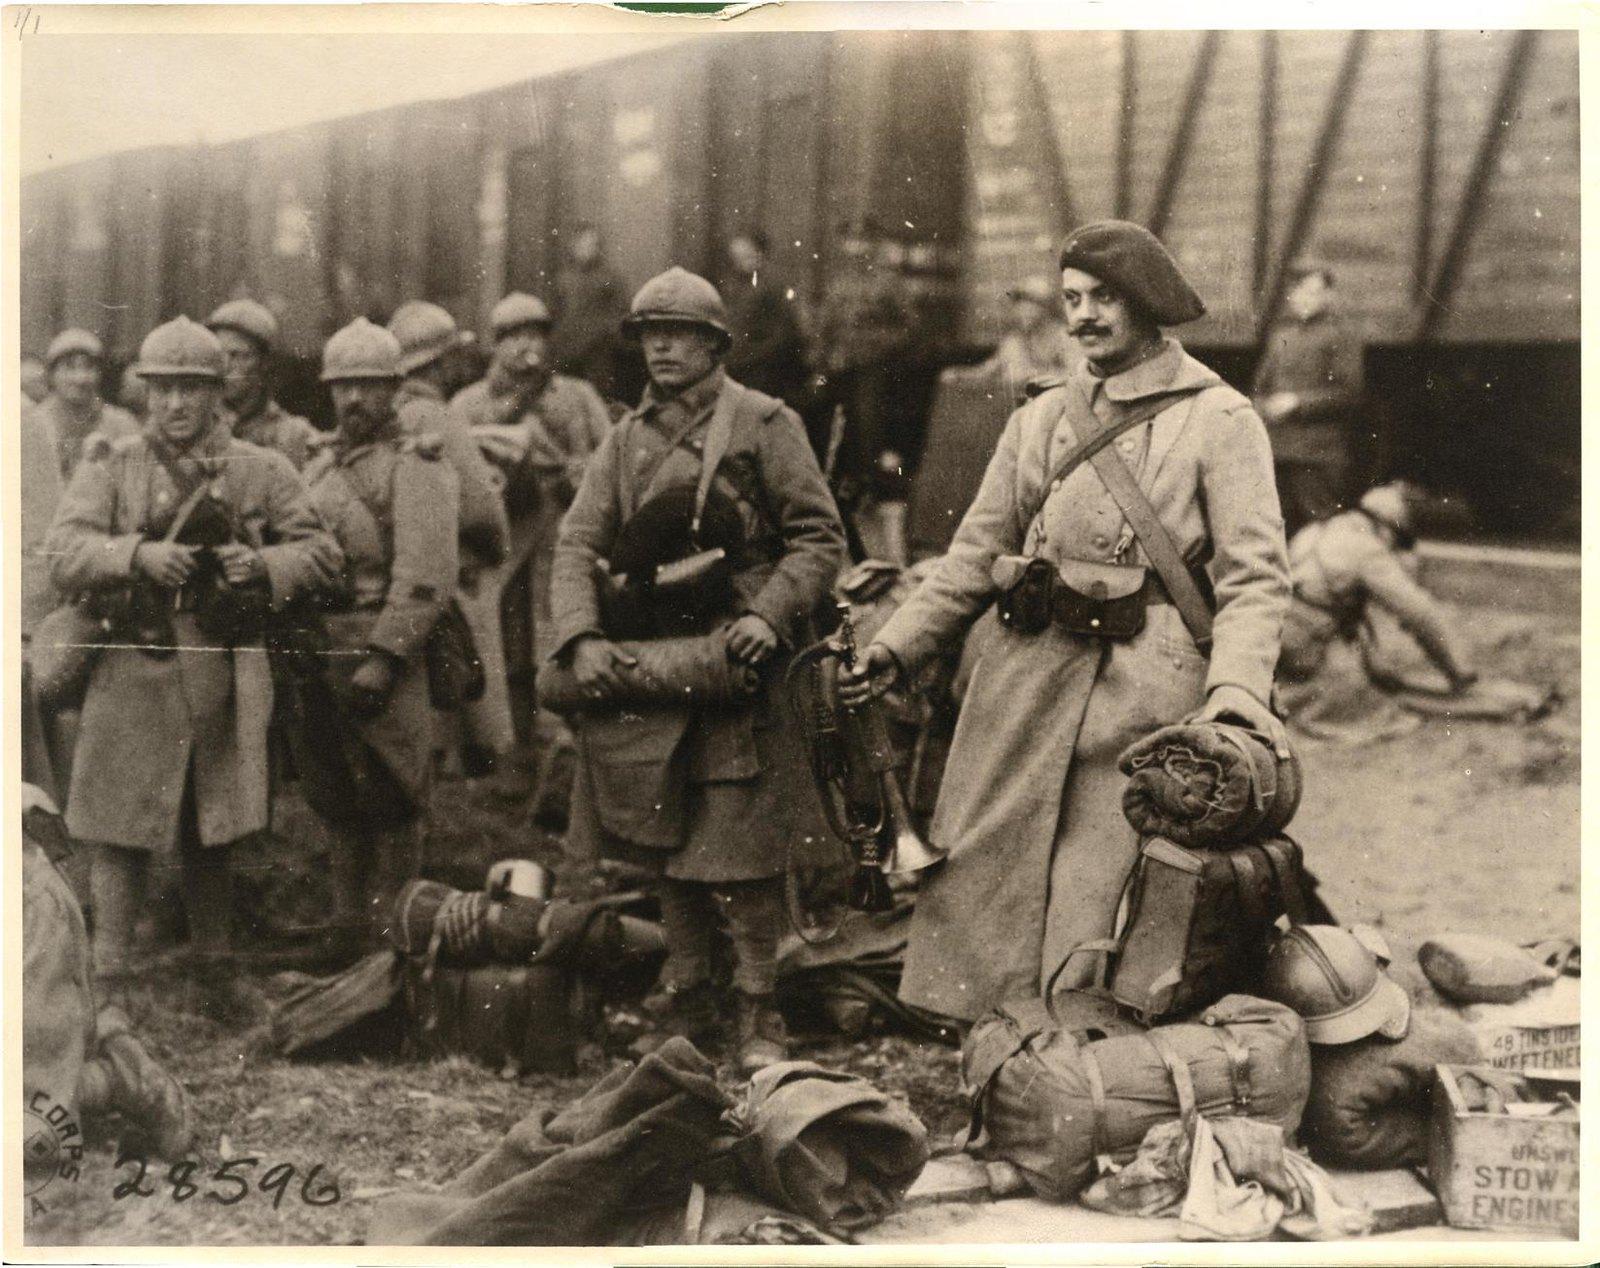 Обозерская. Французский отряд ждет отправки на фронт